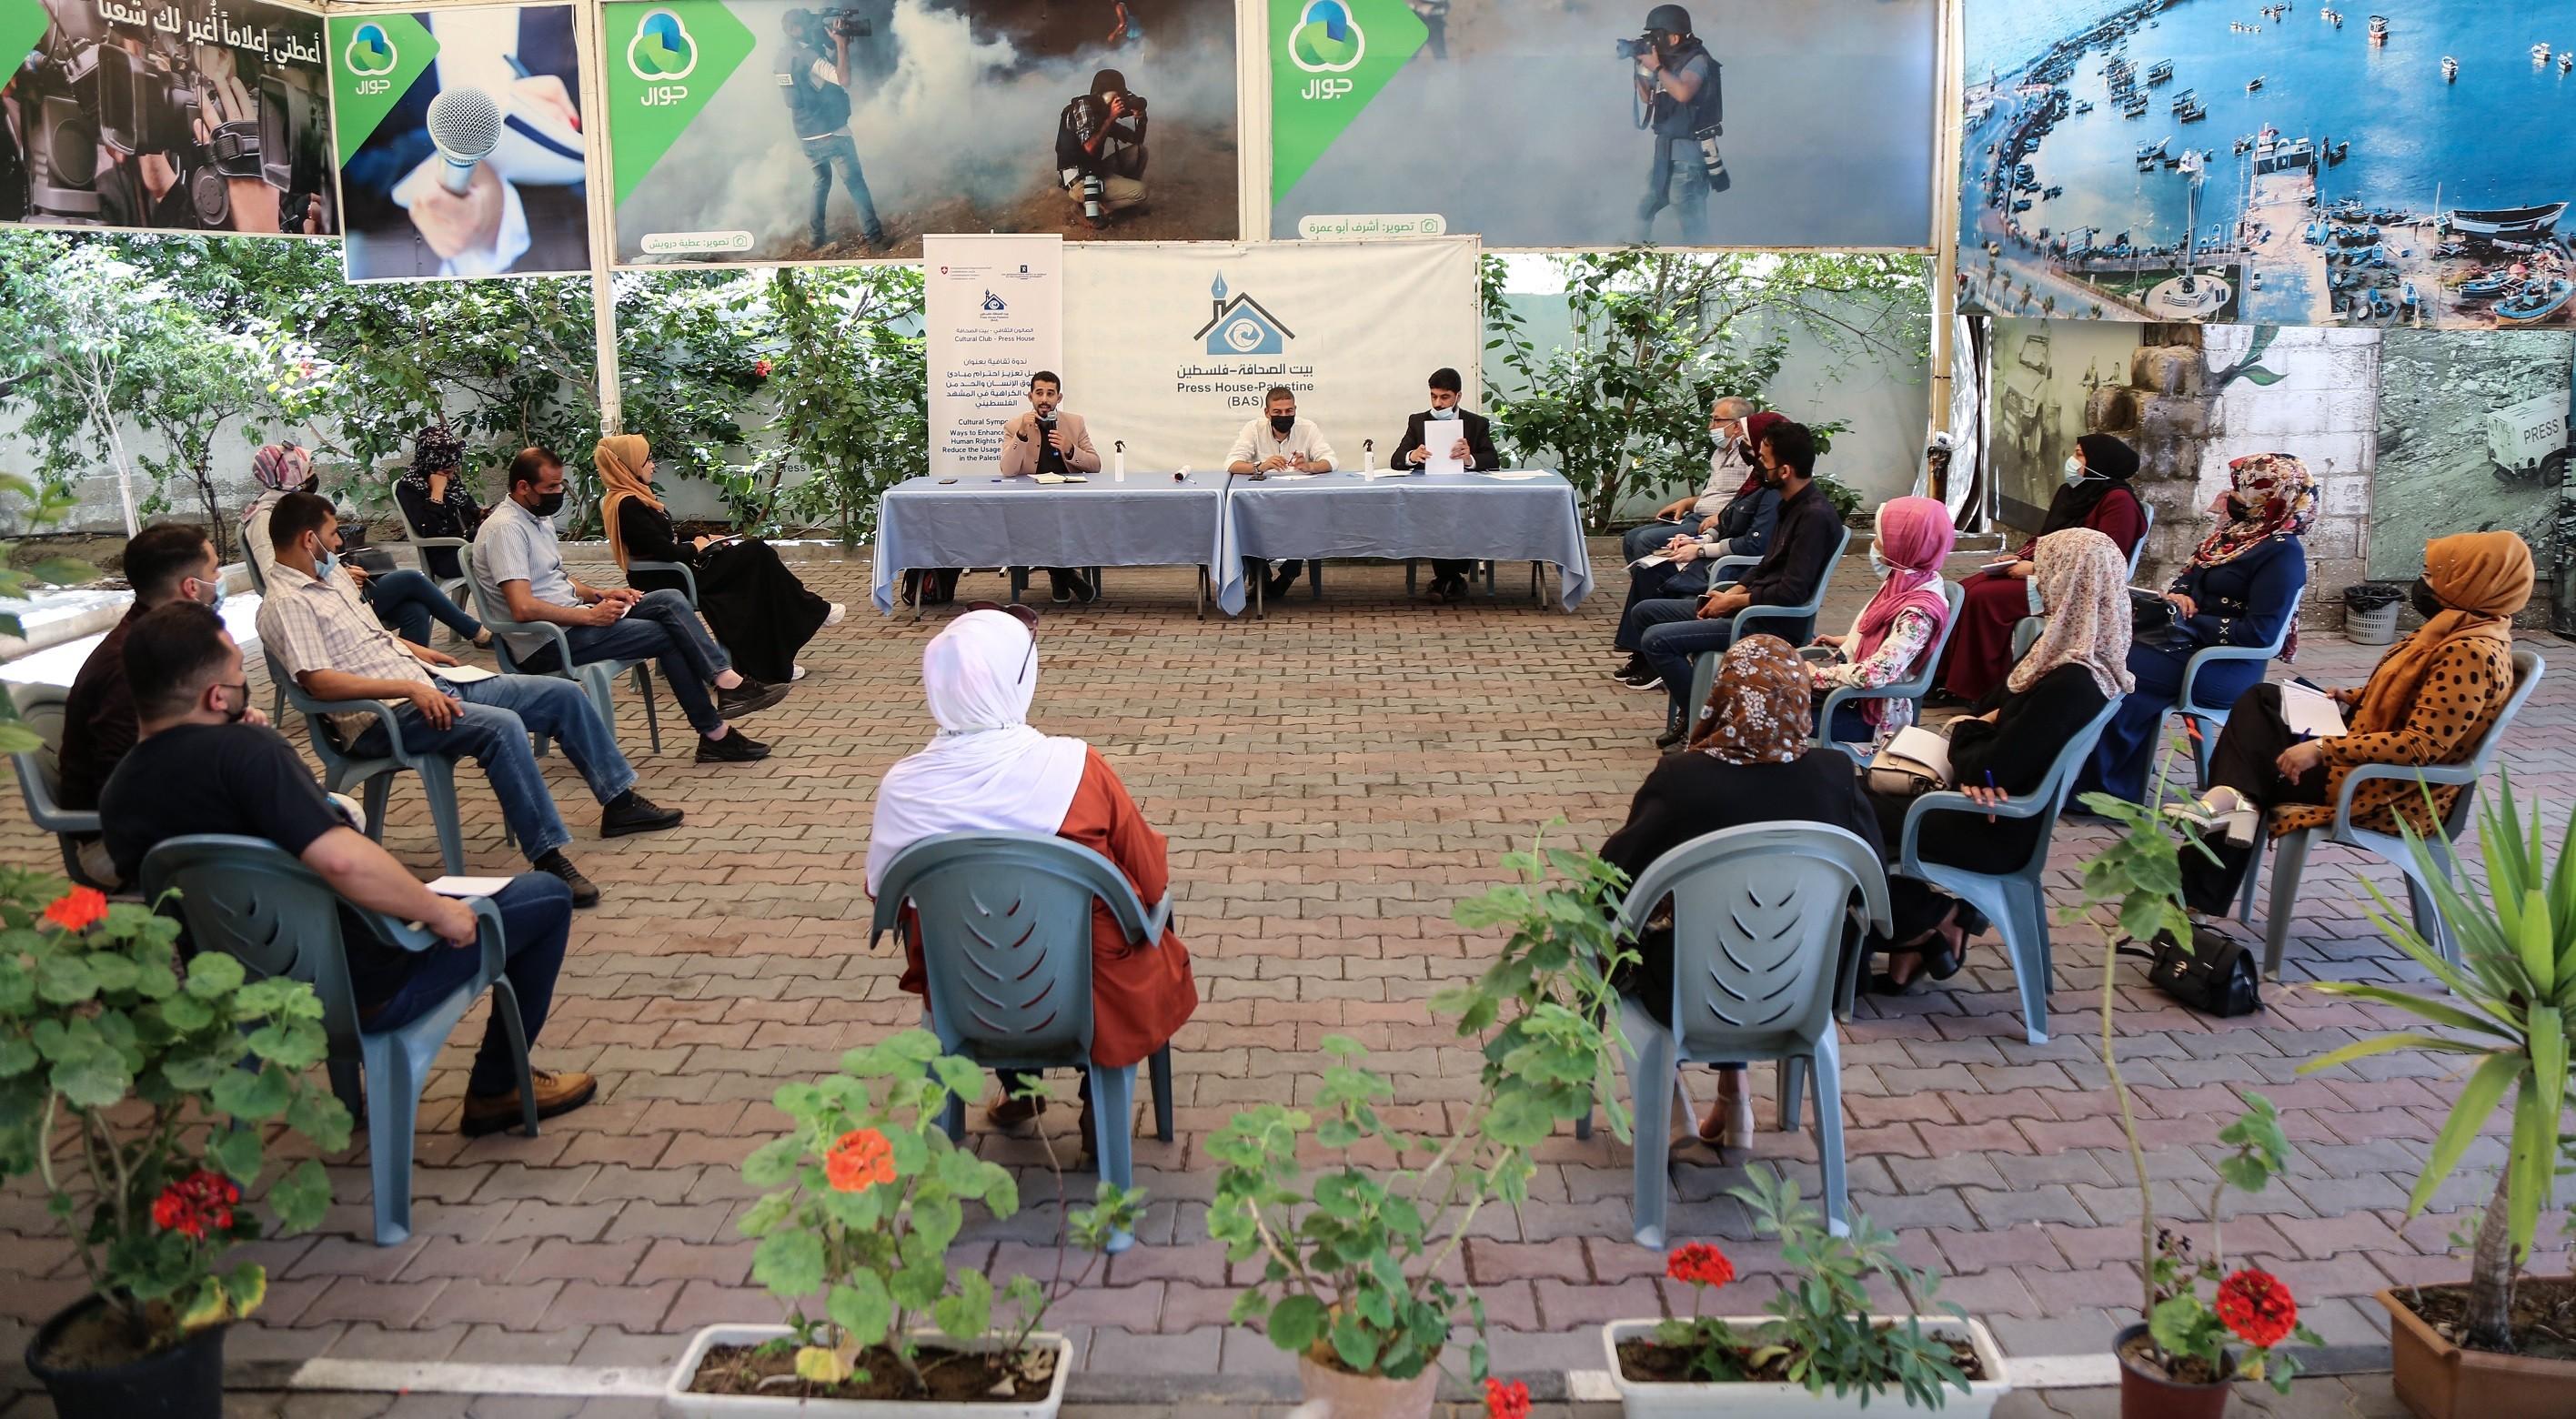 """ندوة حول """" سبل تعزيز احترام مبادئ حقوق الإنسان والحد من خطاب الكراهية في المشهد الفلسطيني"""""""